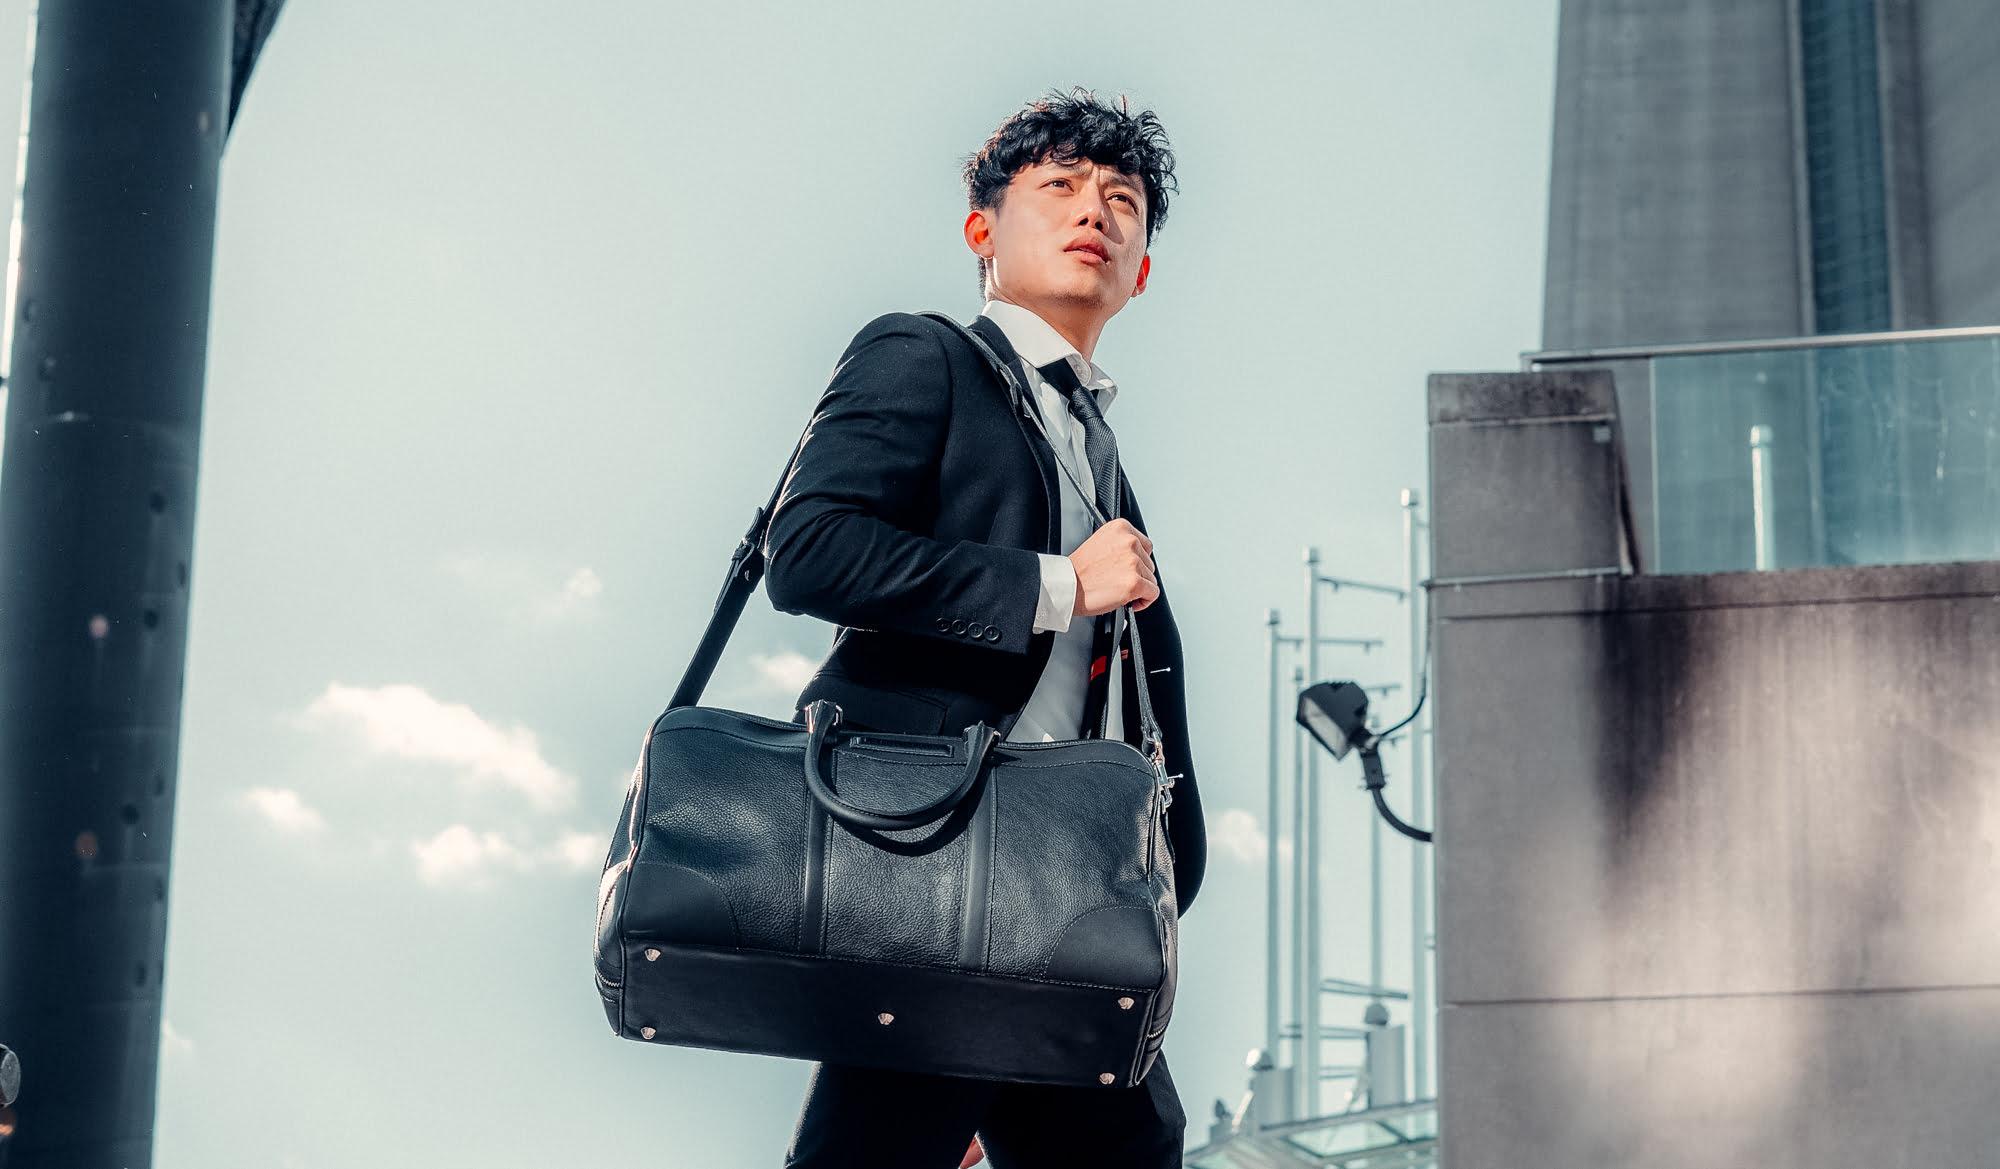 Lederhaus Launches as Canadian Premium Leather Goods Retailer